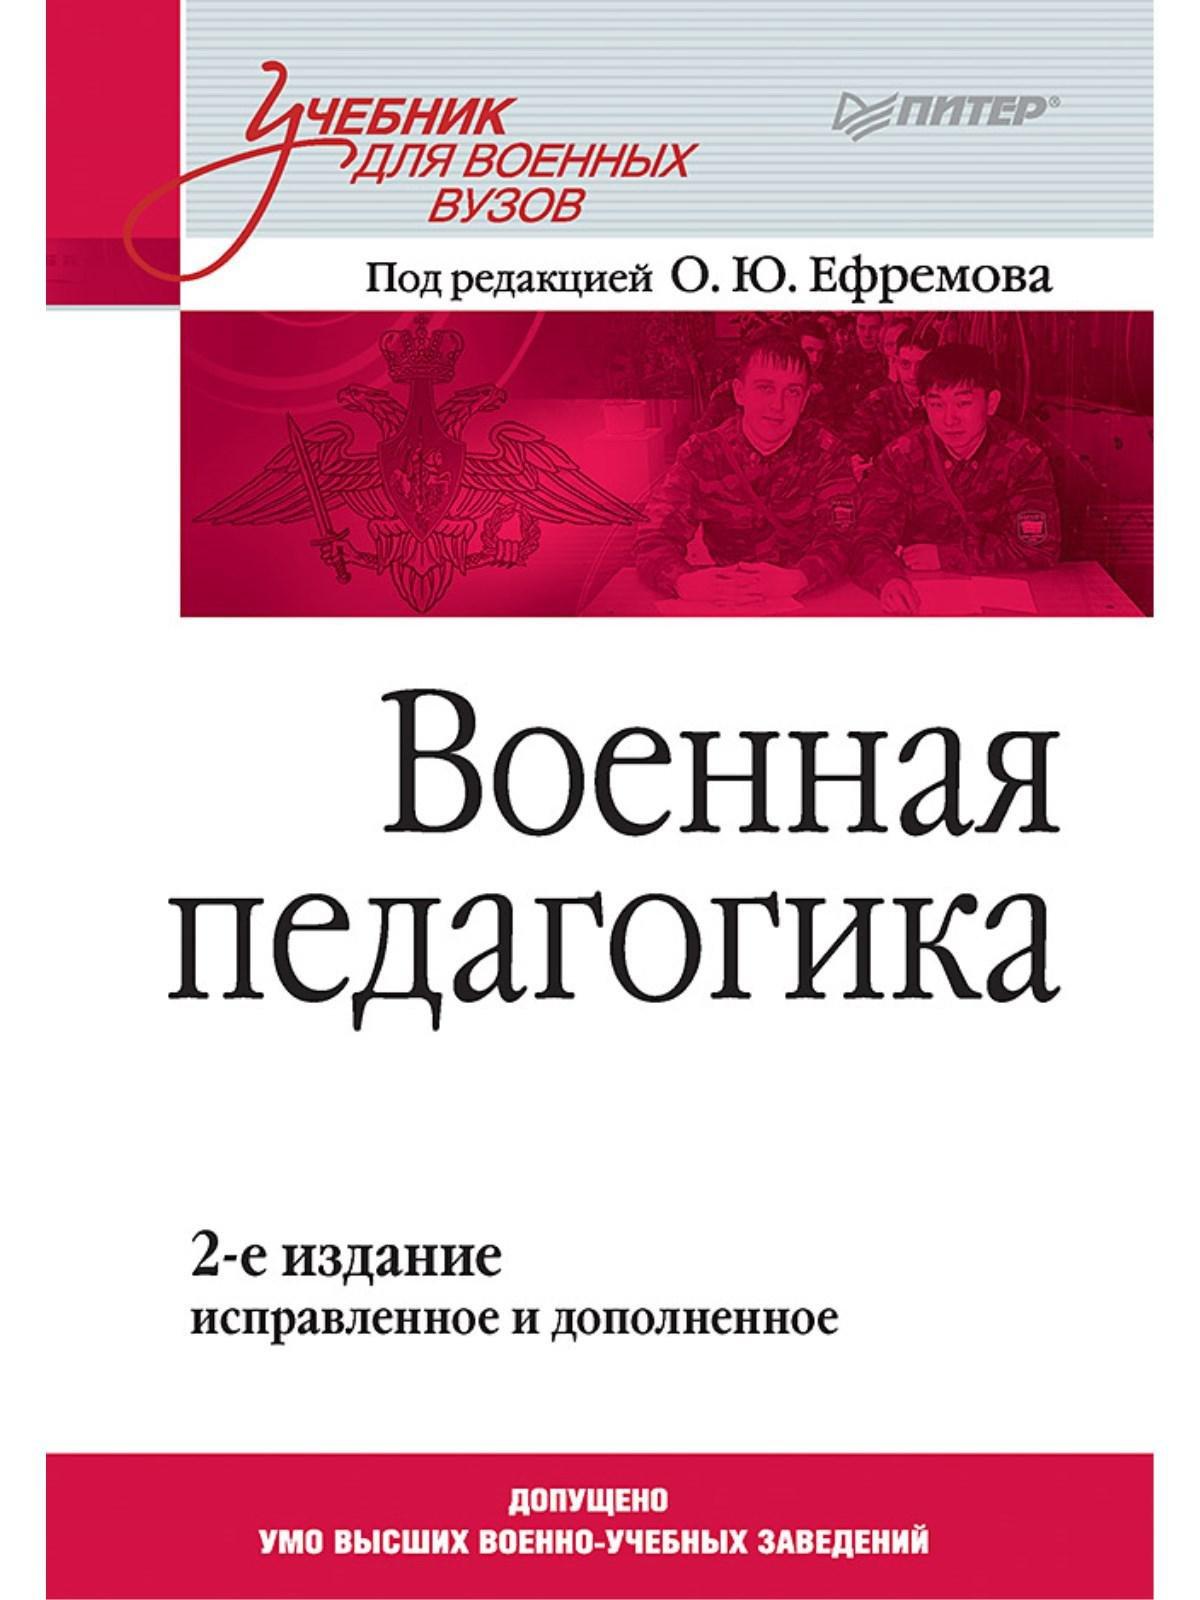 Ефремов О.Ю. Военная педагогика. Учебник для вузов. 2-е изд., испр. и доп.